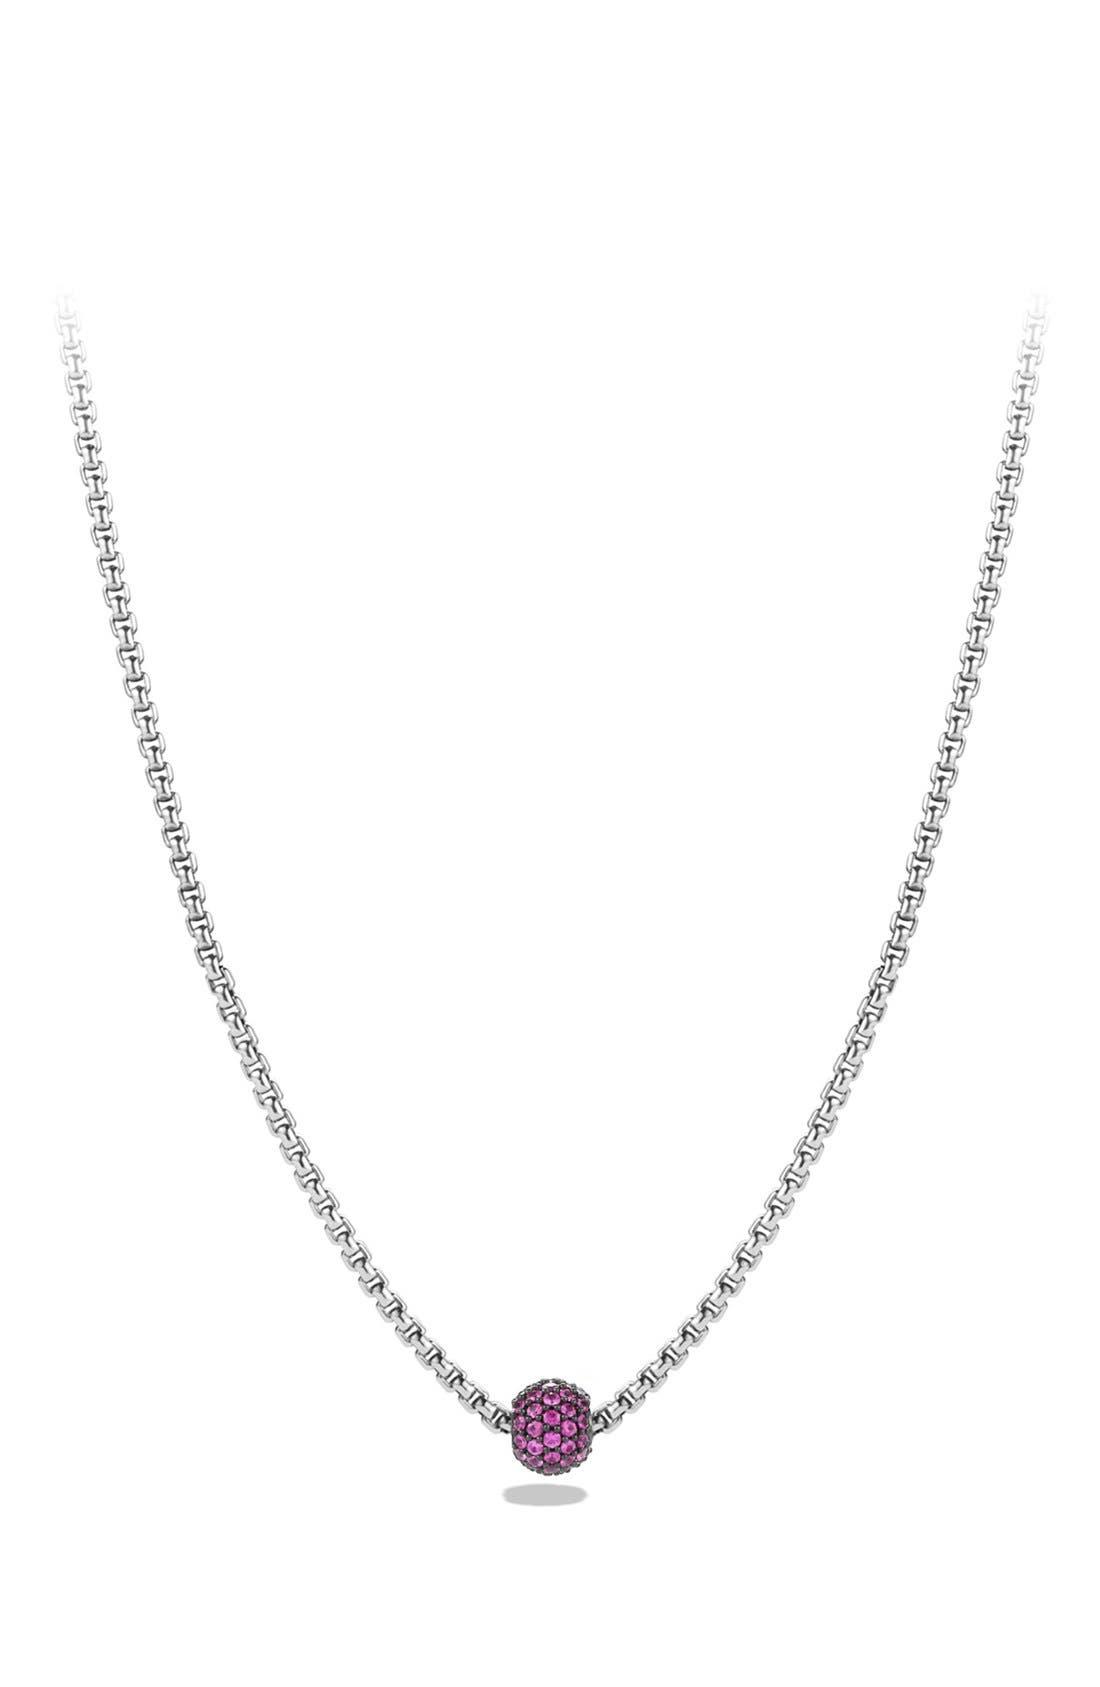 DAVID YURMAN 'Metro' Petite Pavé Chain Necklace with